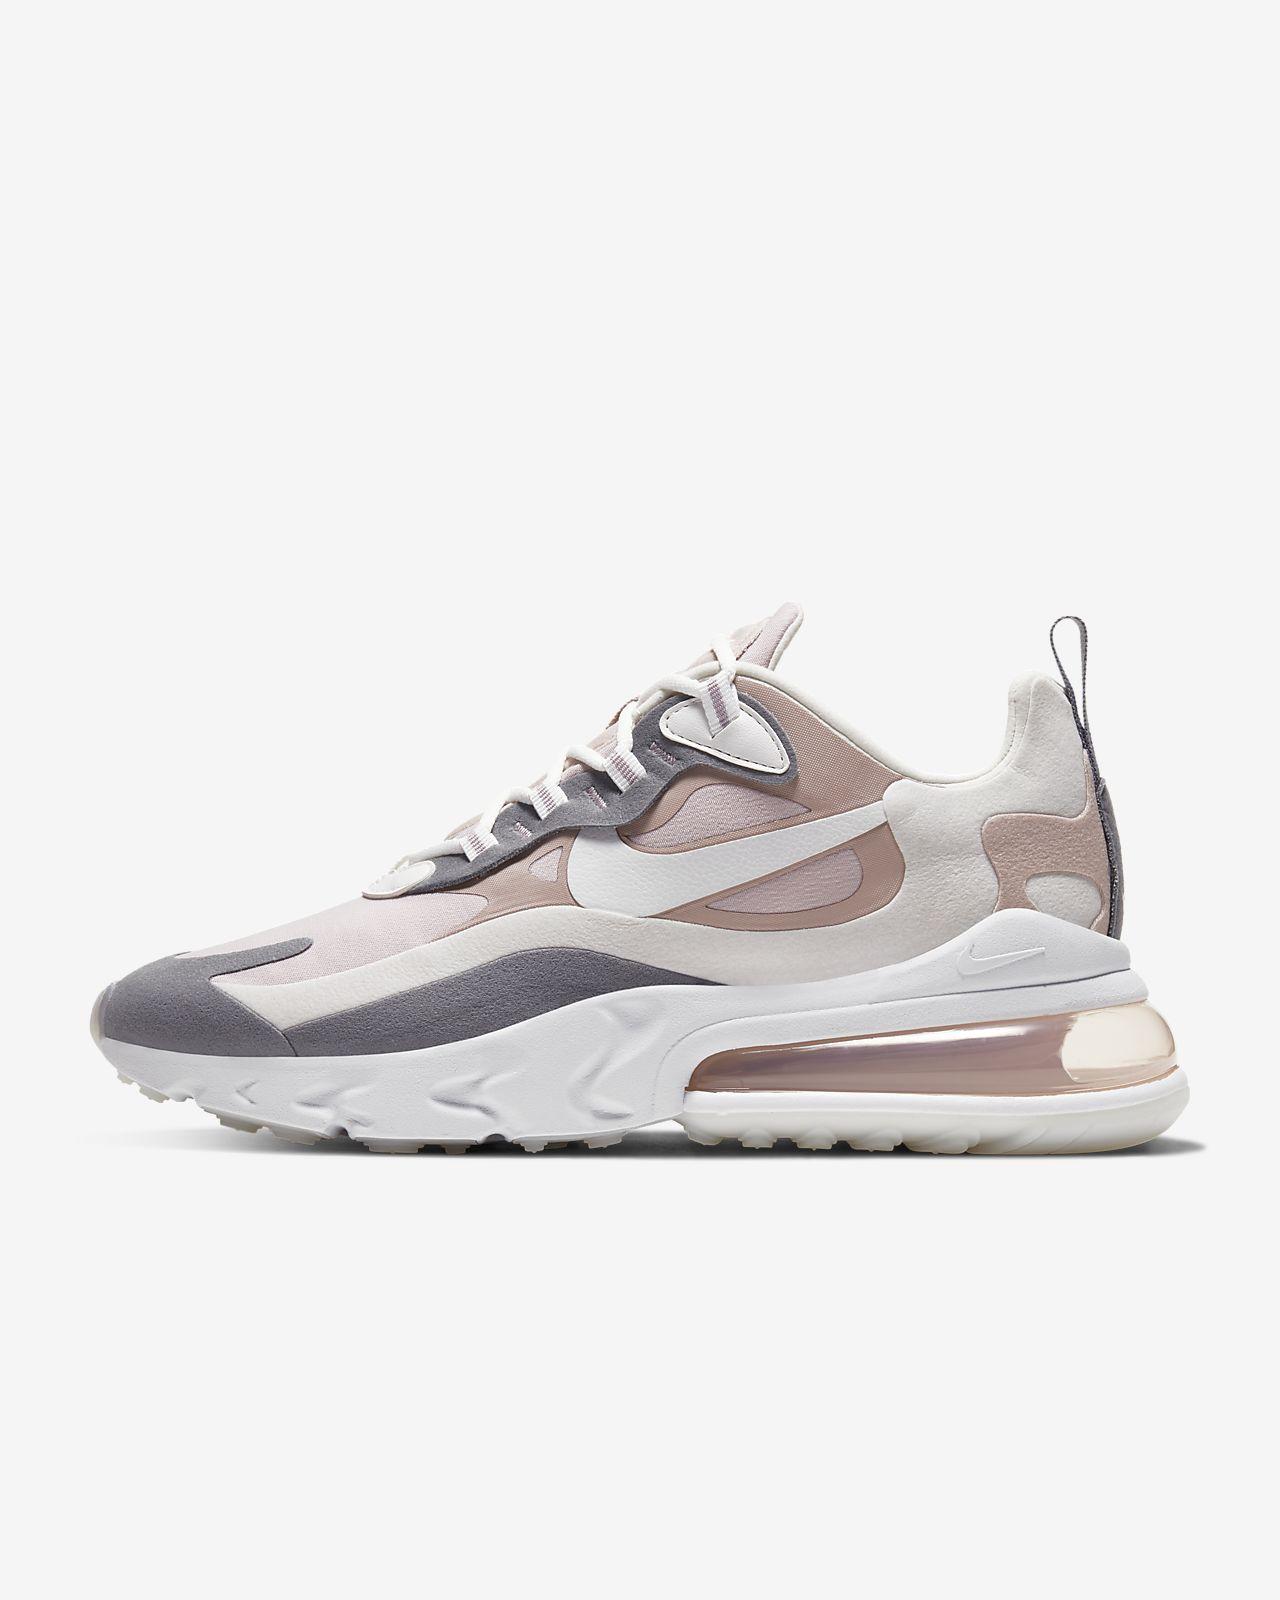 chaussures air max 270 femme